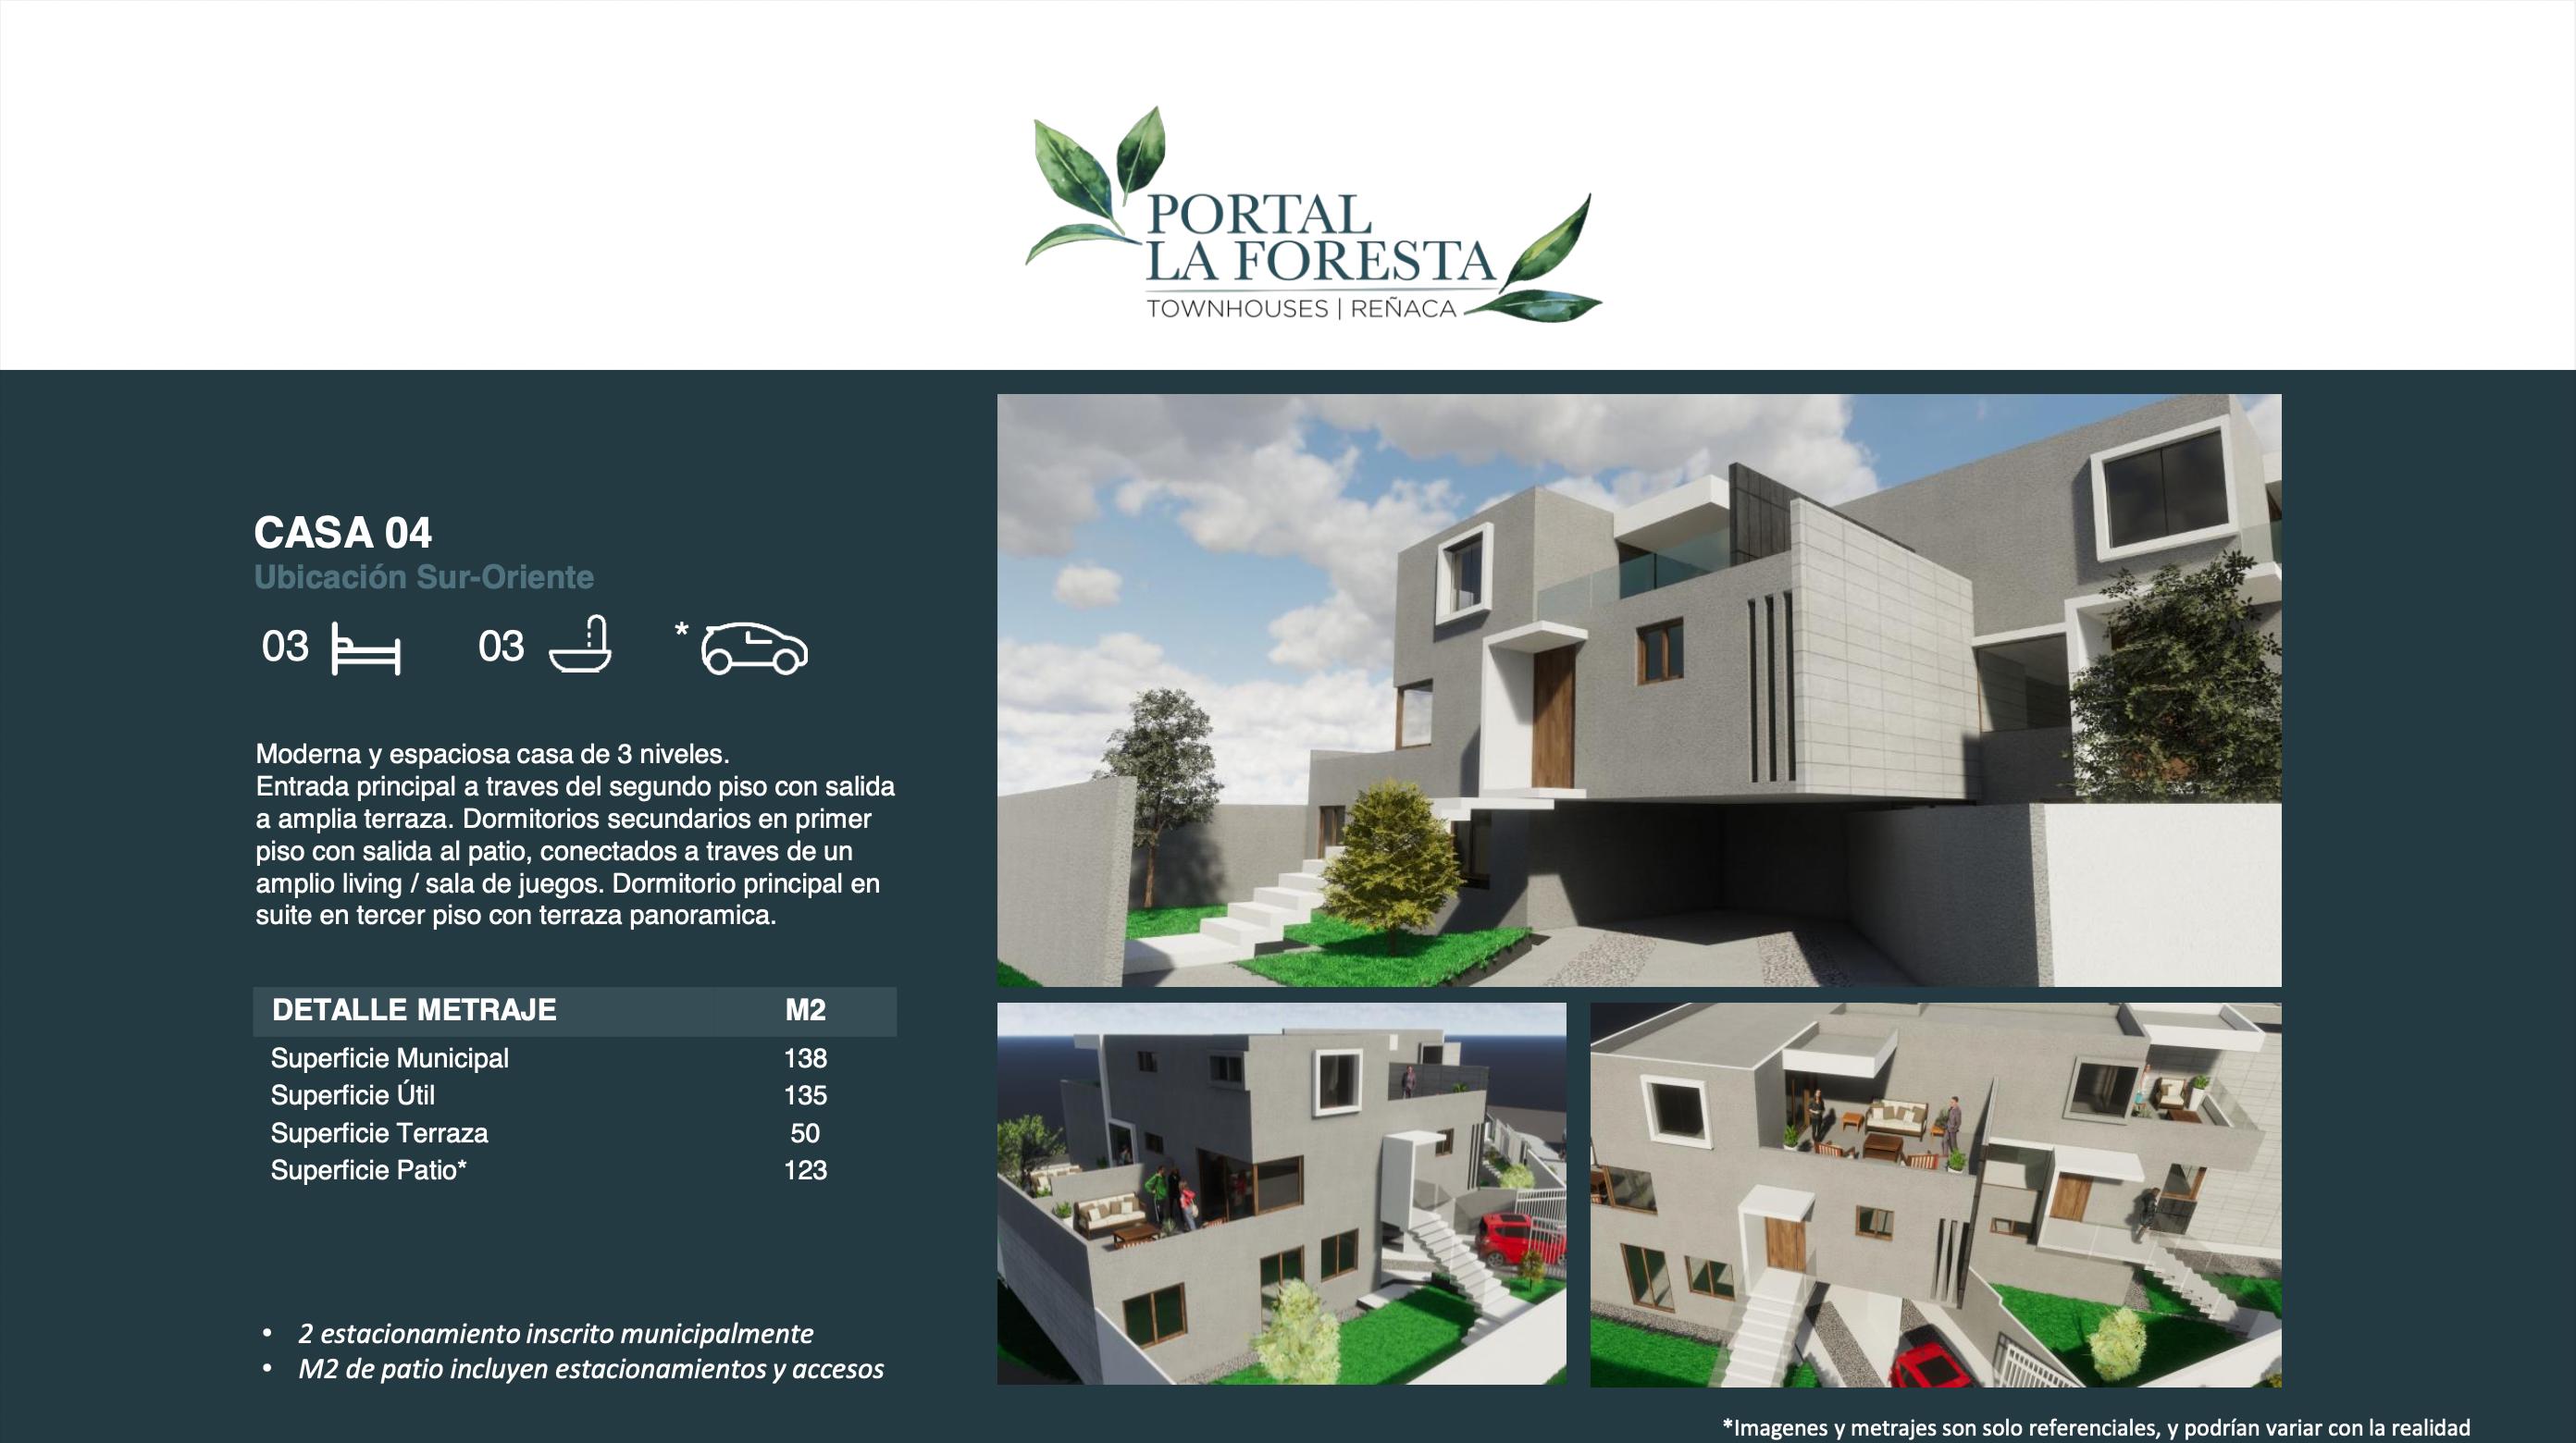 Casa04 | Detalle